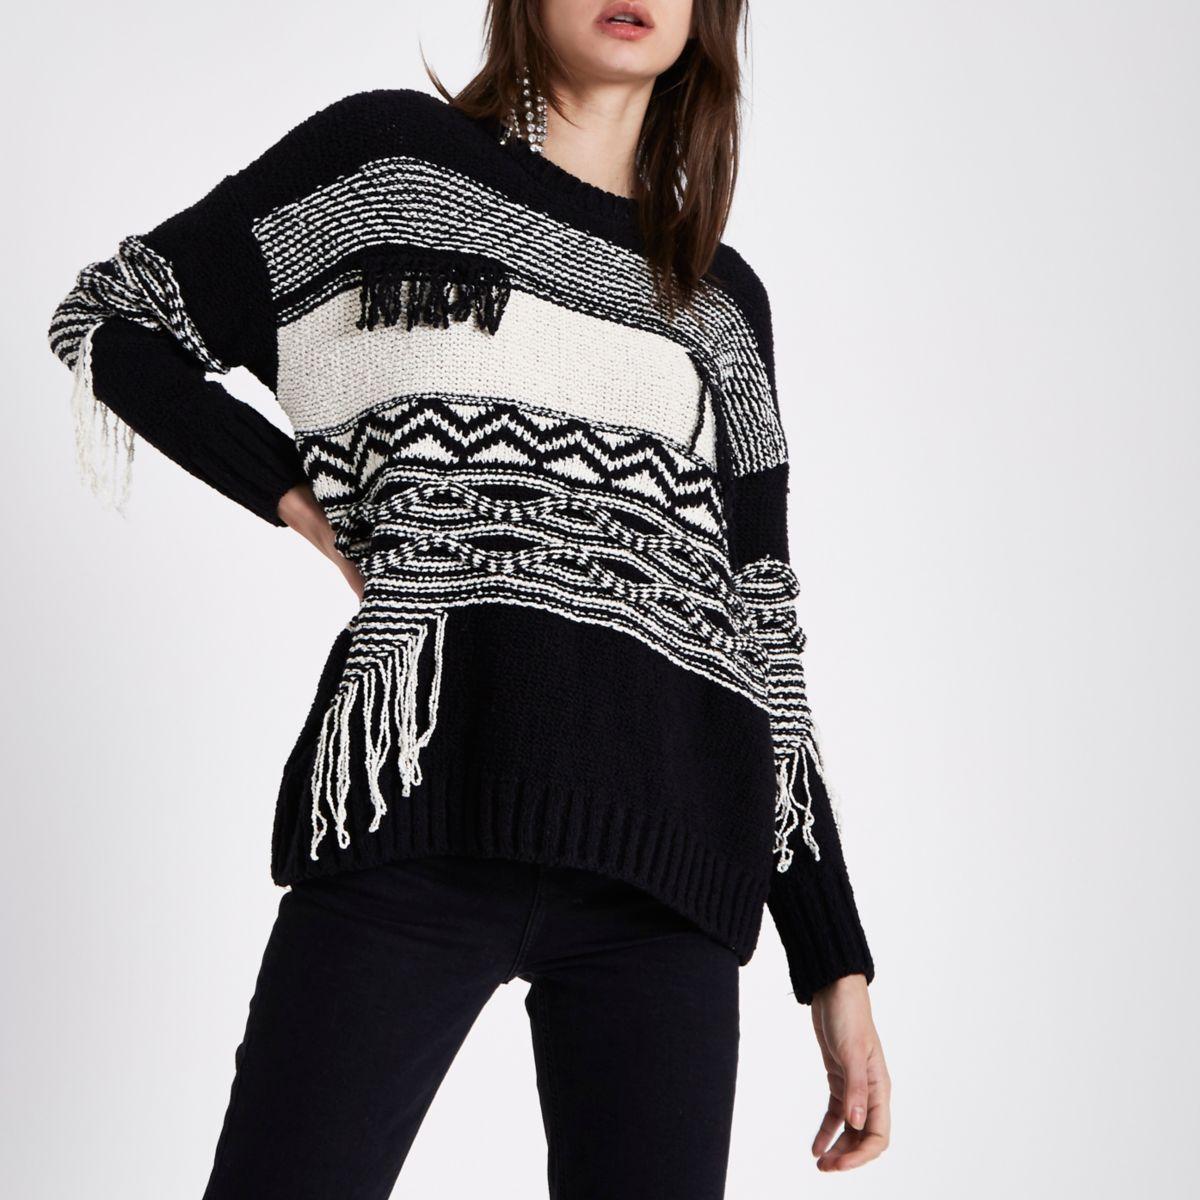 Pullover in Schwarz und Creme mit Ziernaht